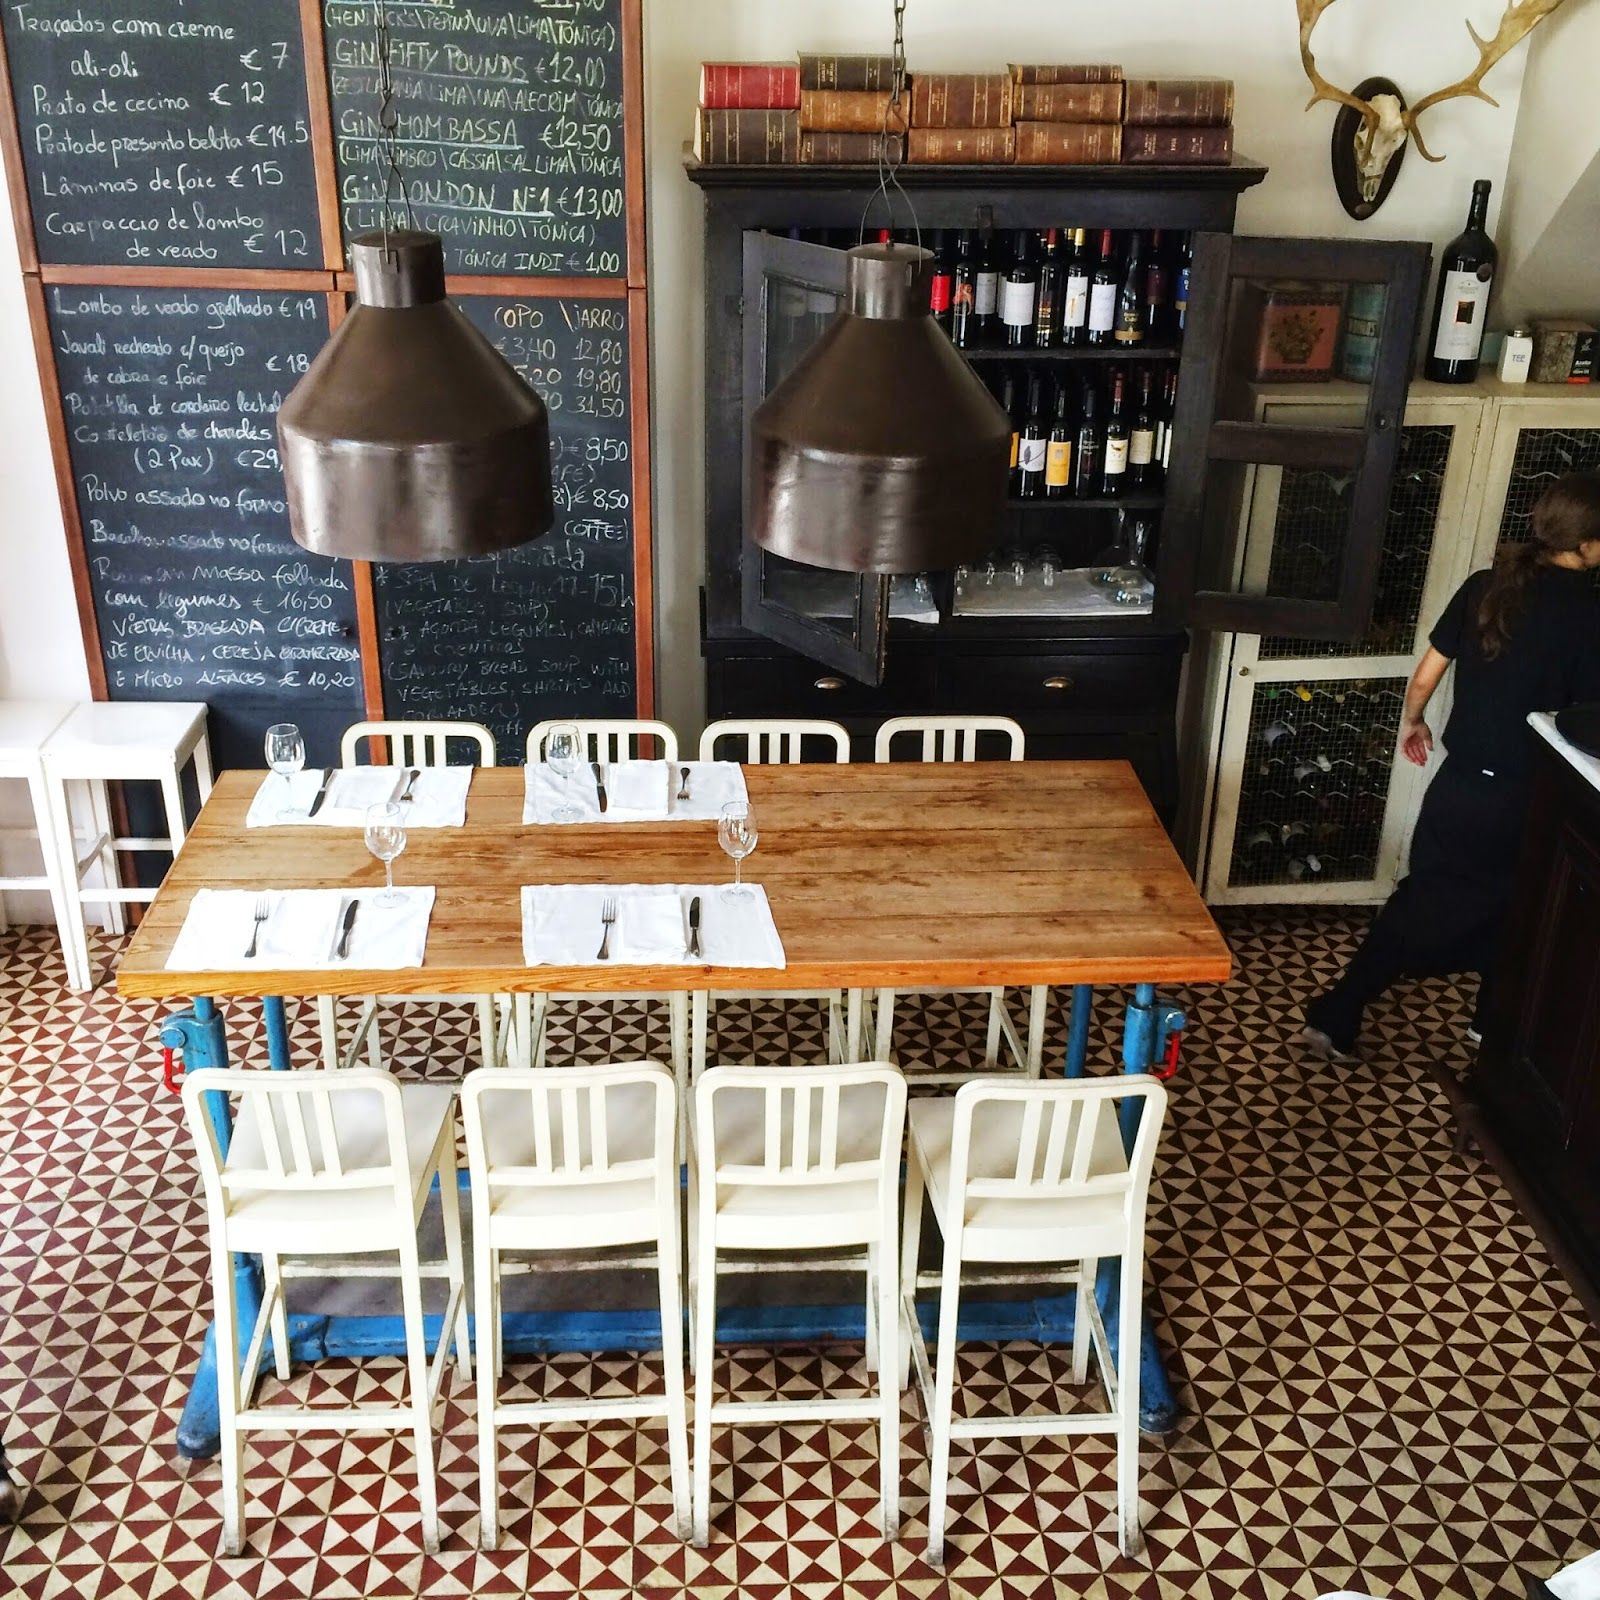 Tra A Restaurant #Oporto #Portugal